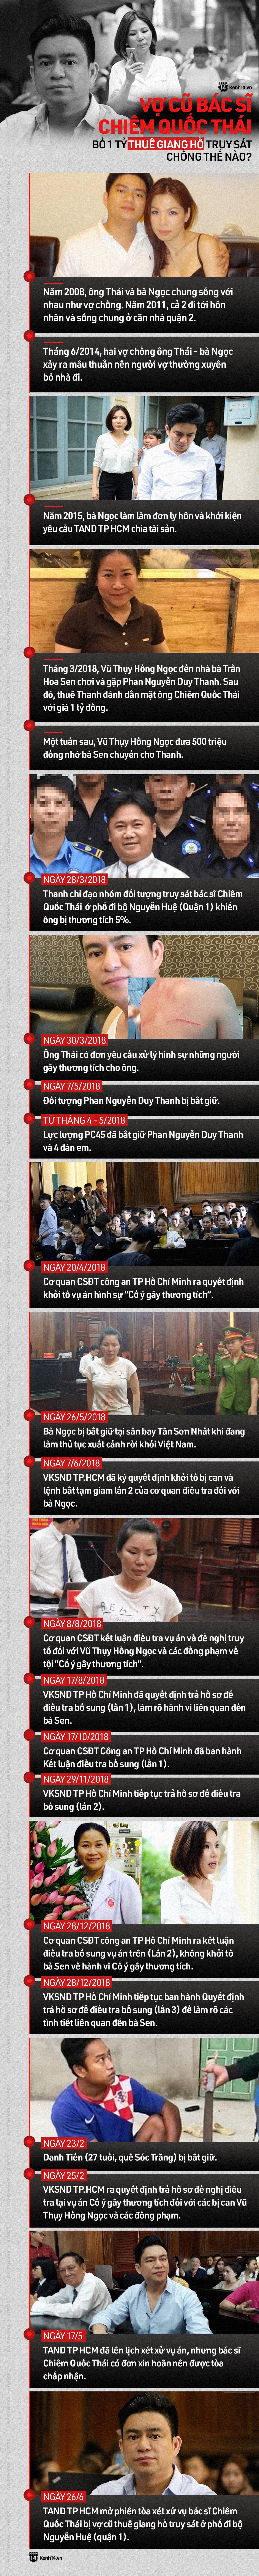 Diễn biến toàn cảnh vụ vợ cũ bác sĩ Chiêm Quốc Thái bỏ 1 tỷ thuê giang hồ truy sát chồng - Ảnh 1.